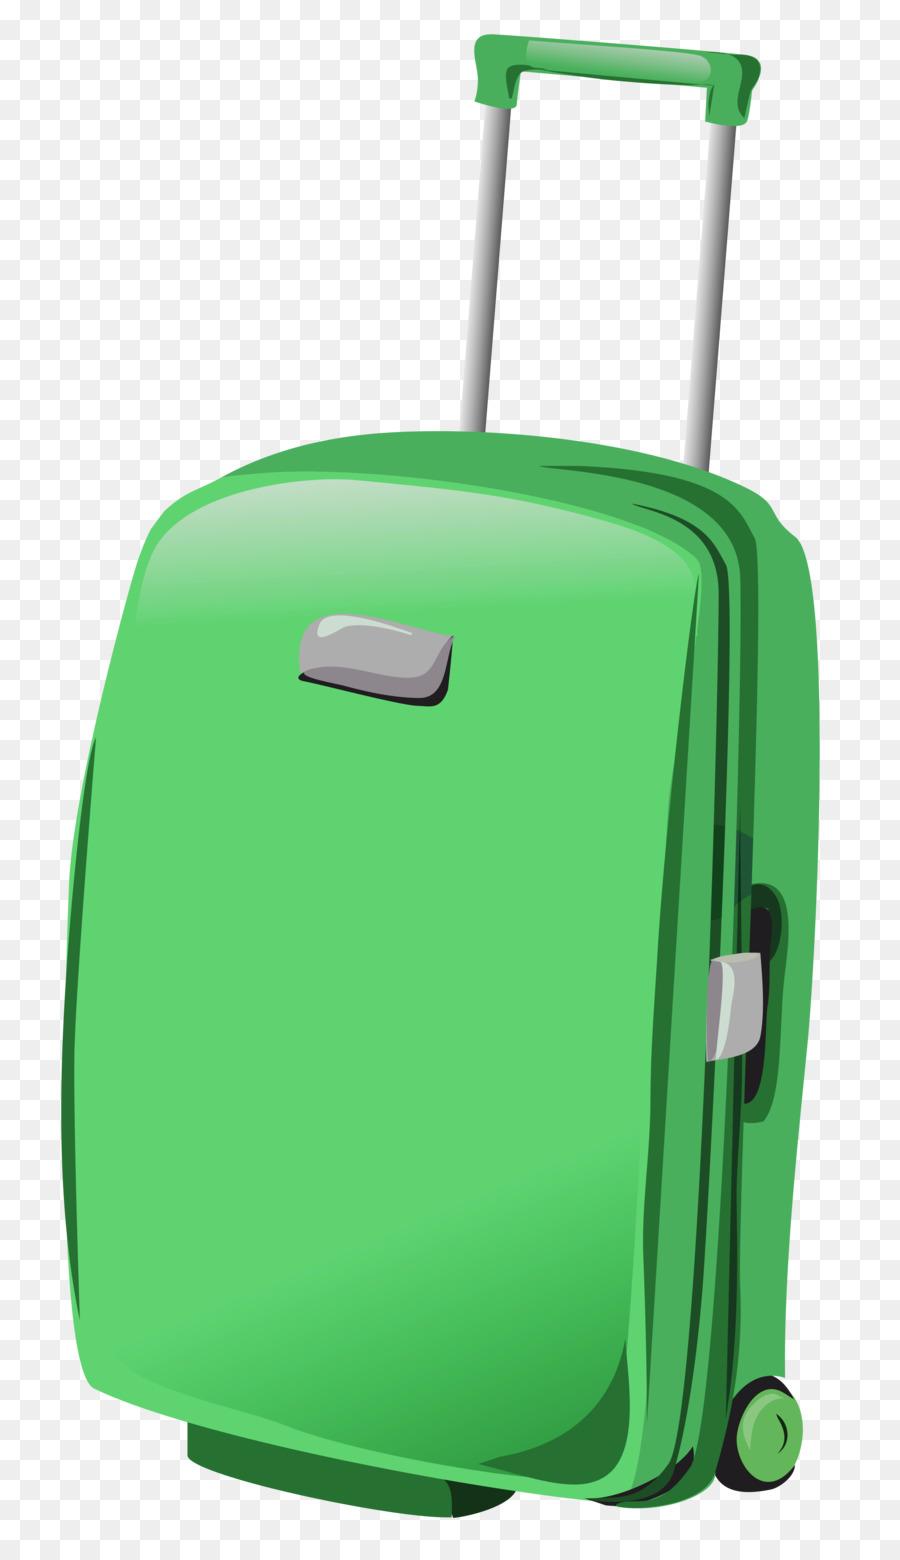 suitcase baggage clip art suitcases cliparts png download 2974 rh kisspng com suitcase clipart blue suitcase clipart blue